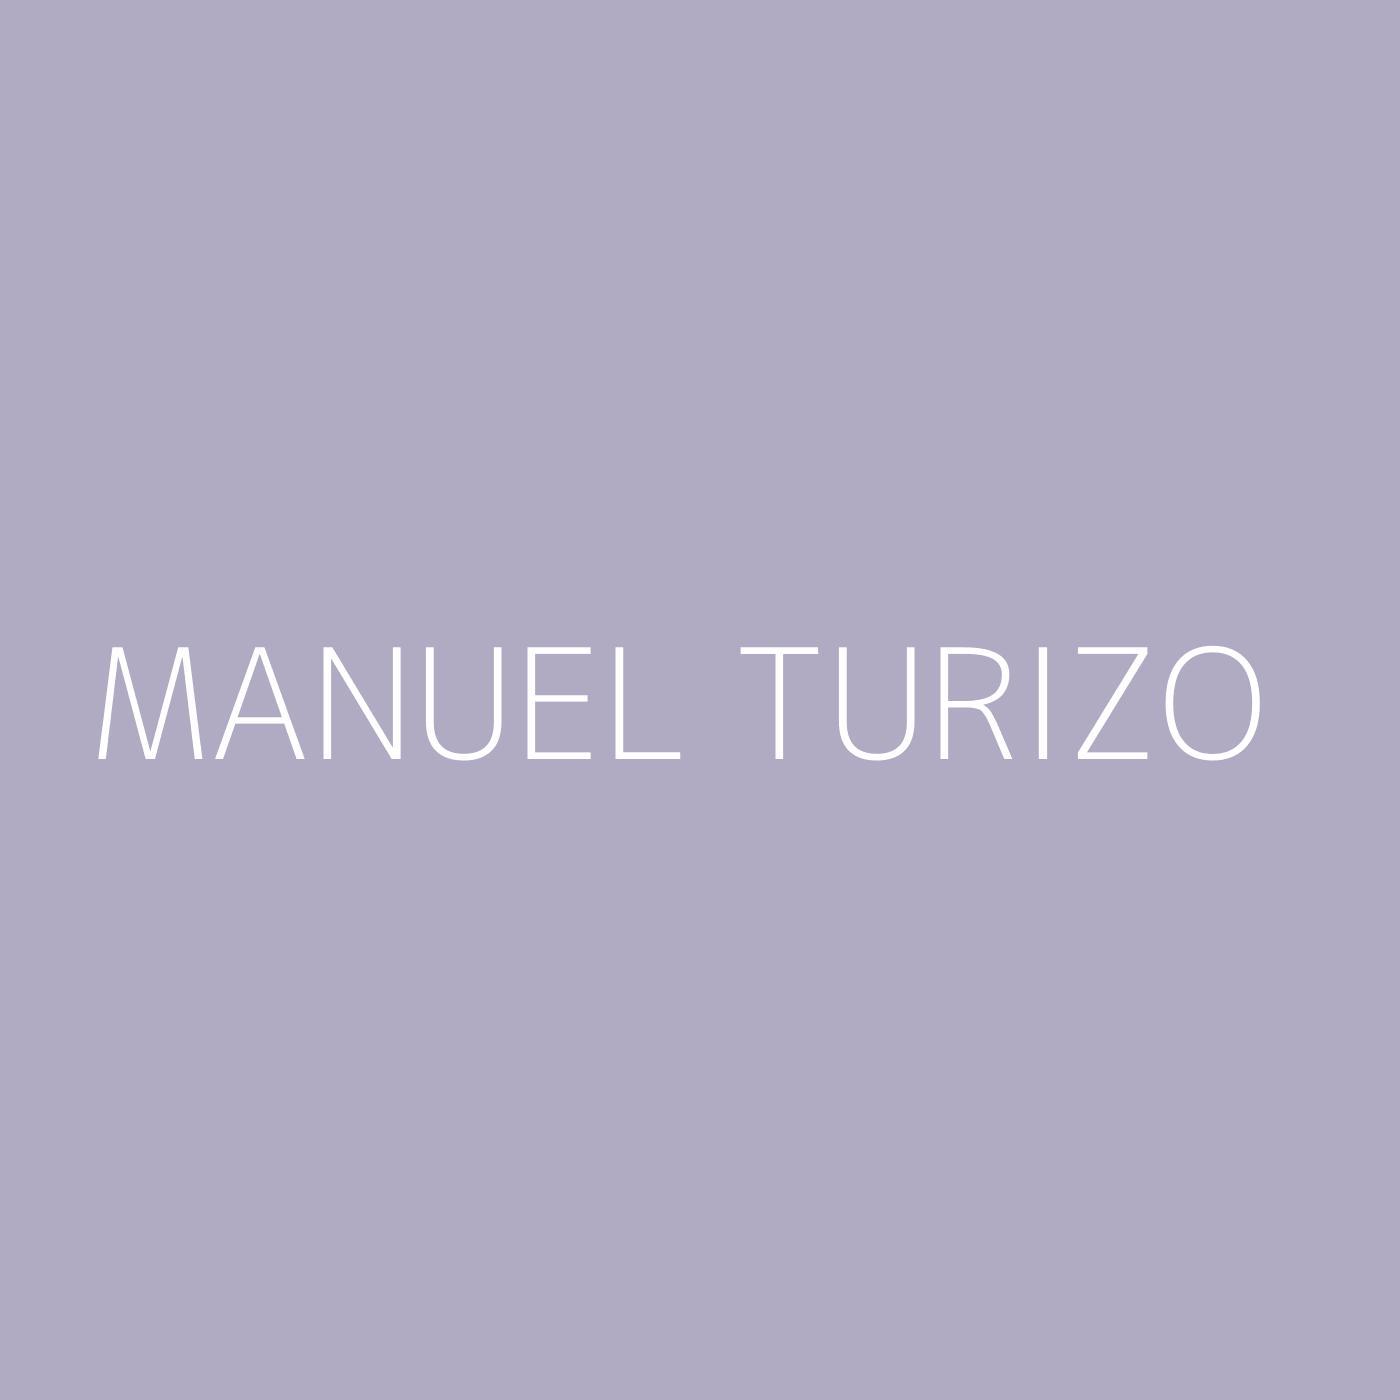 Manuel Turizo Playlist Artwork